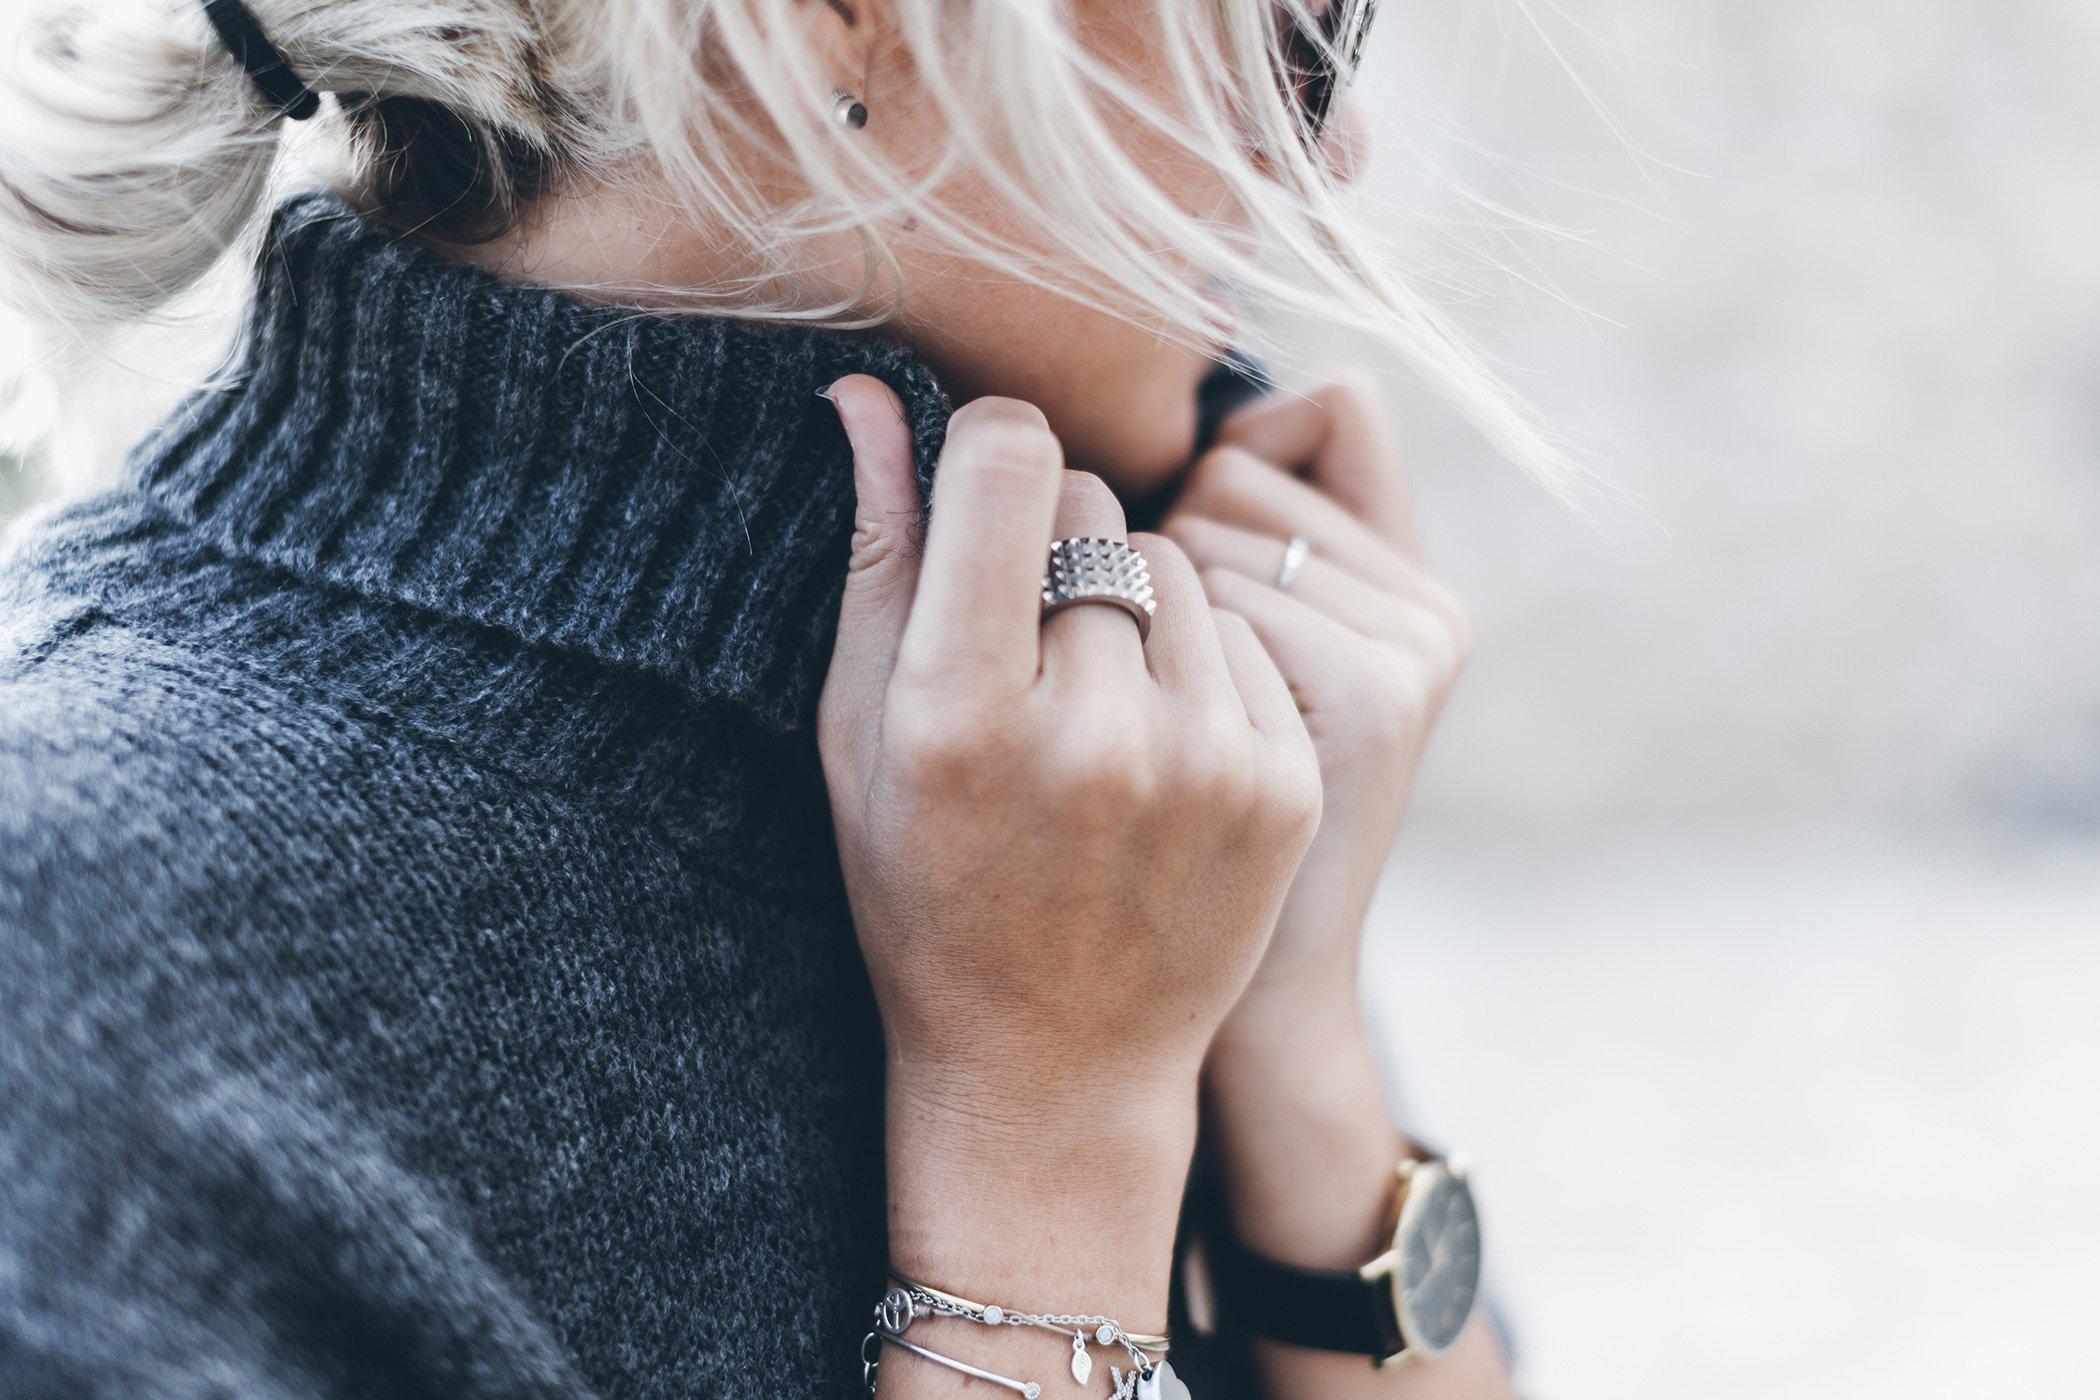 mikuta-cozy-in-vila-sweater-7